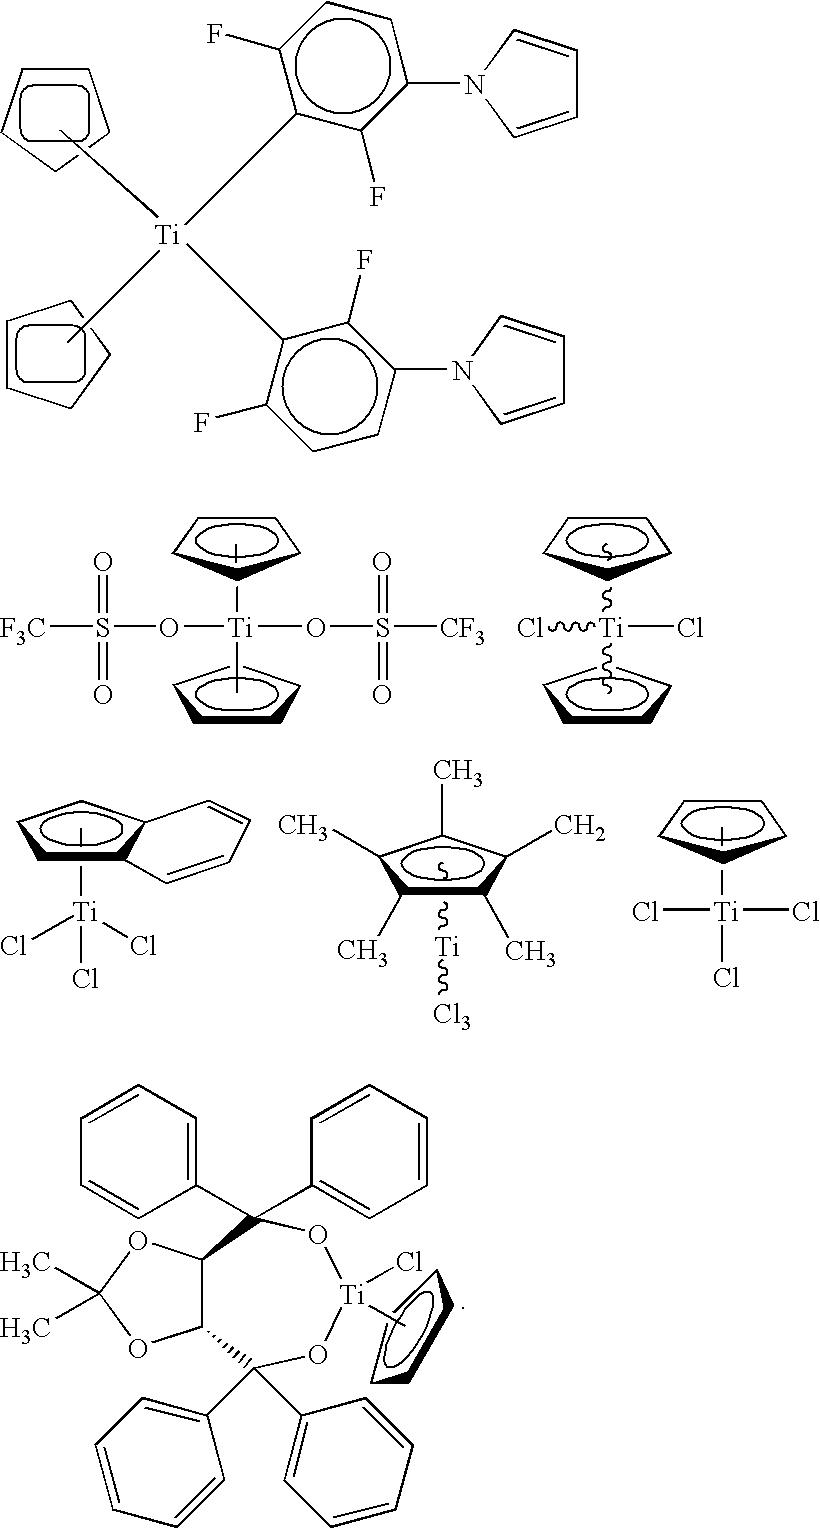 Figure US20090246657A1-20091001-C00026